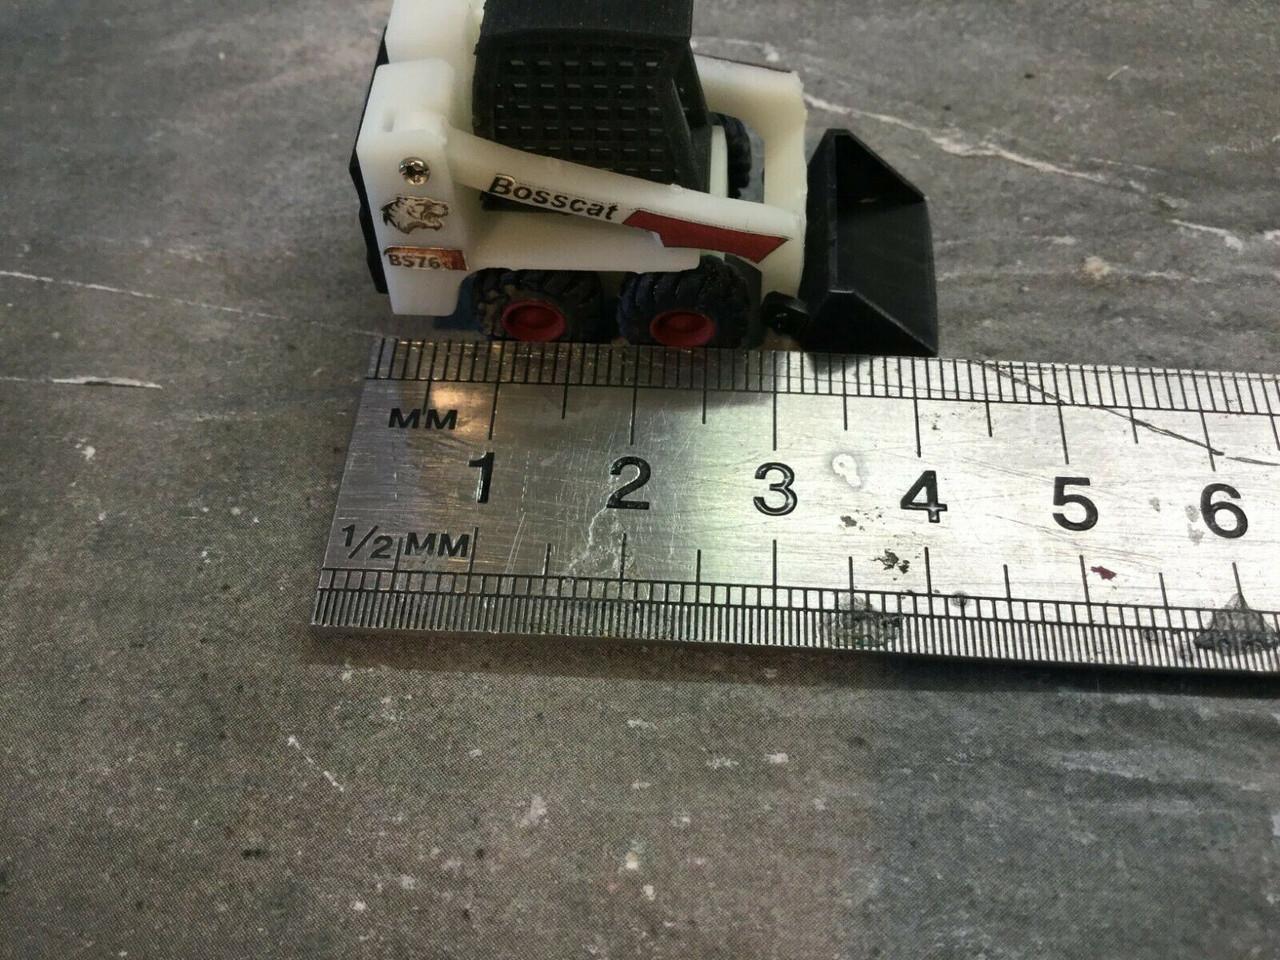 3d Printed Skid Steer 1/76 Scale / 00 Gauge